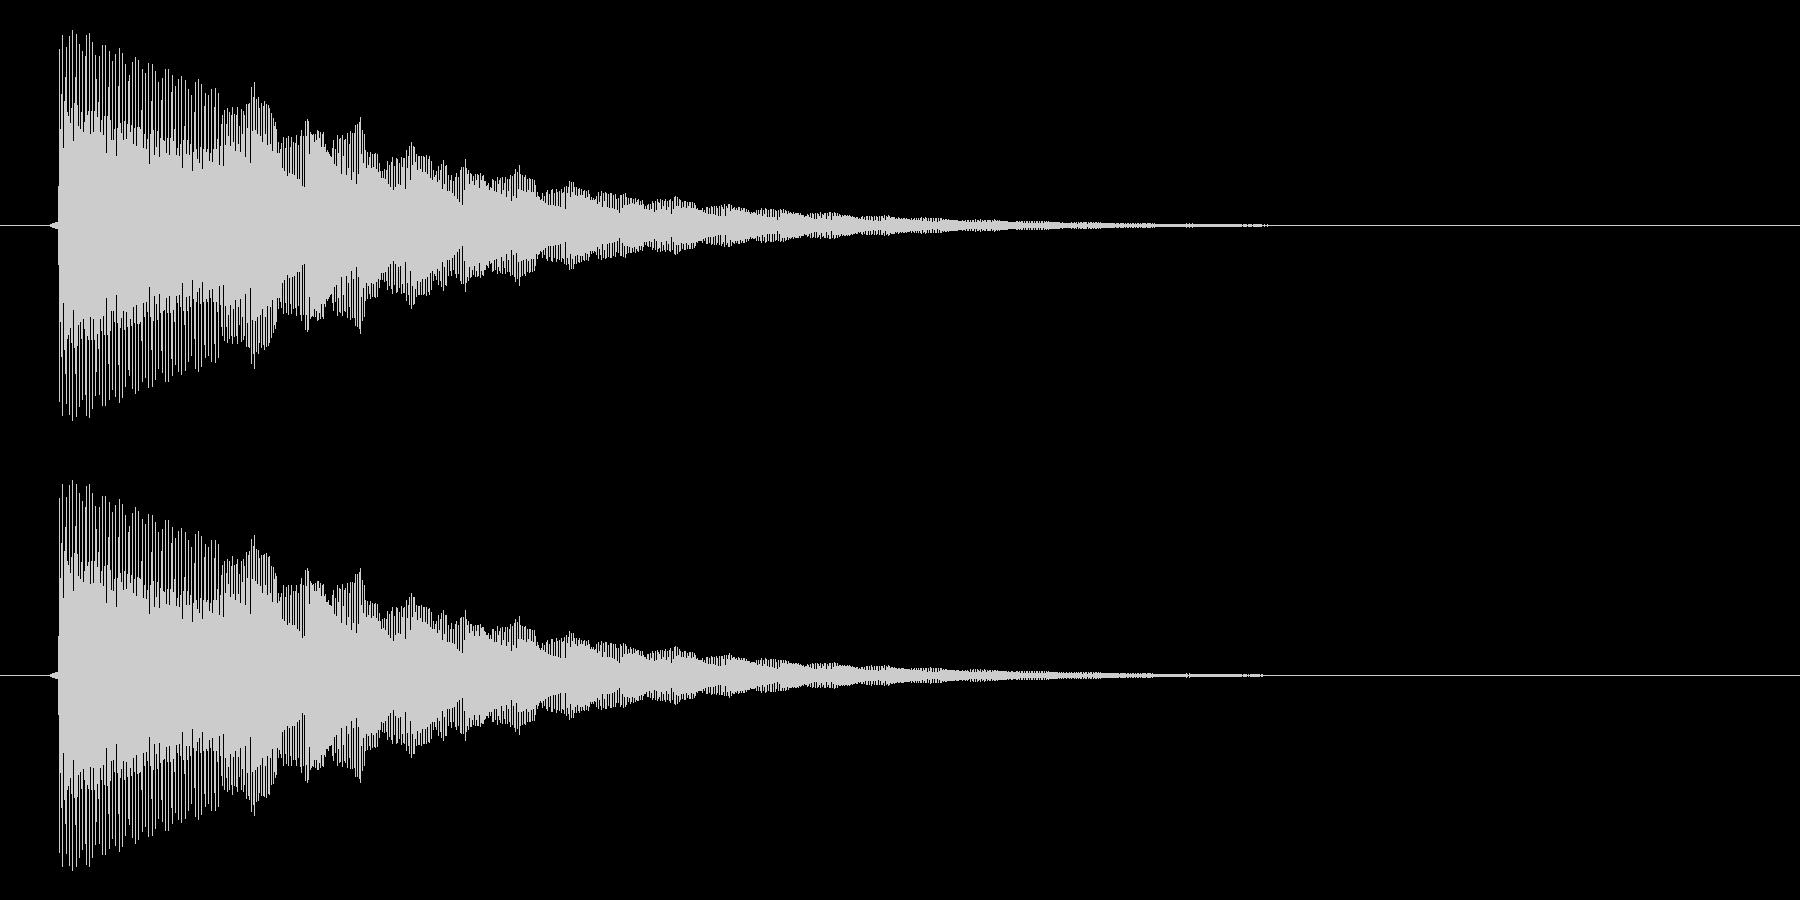 ぴこん/矢印/地図表示の未再生の波形